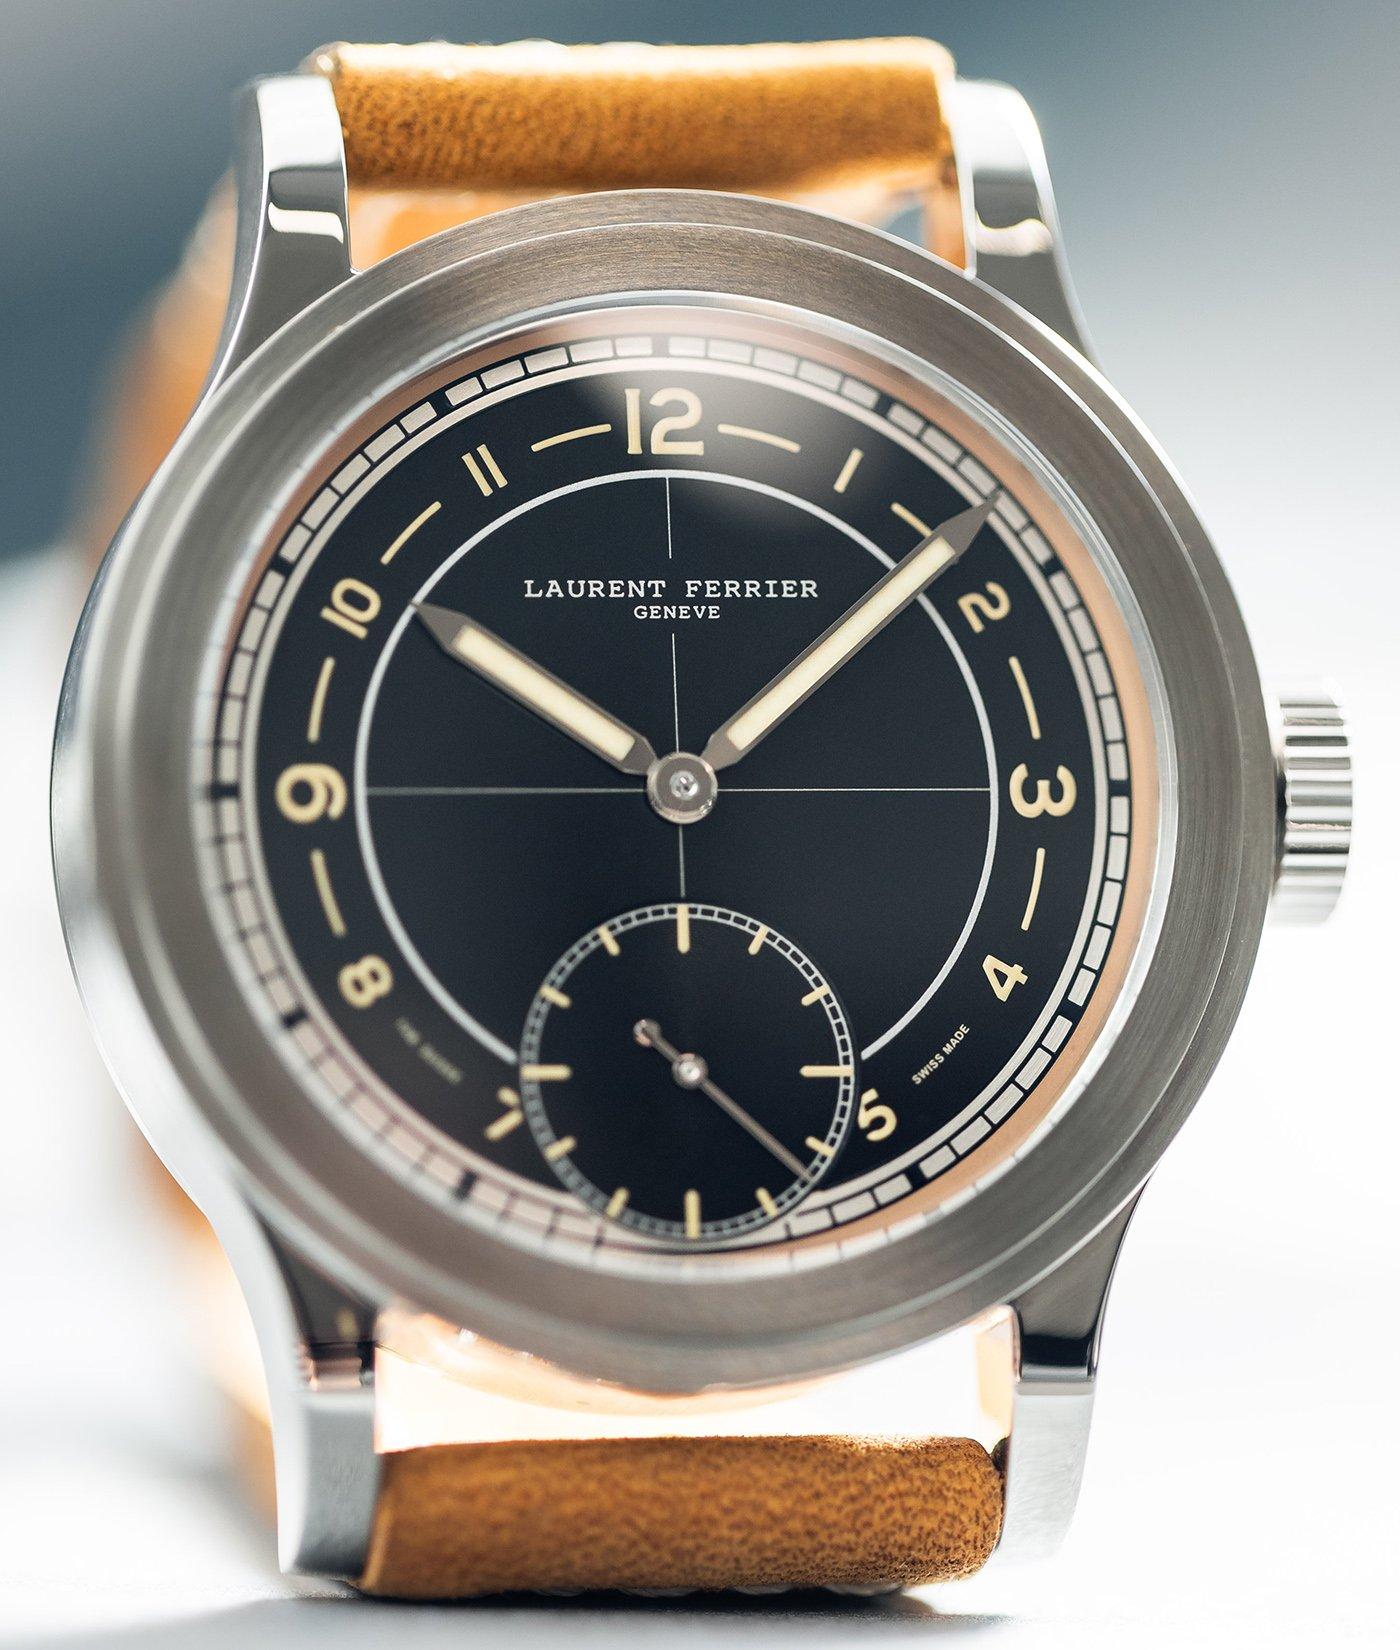 Laurent Ferrier объявляет о выпуске ограниченной серии часов Hommage II